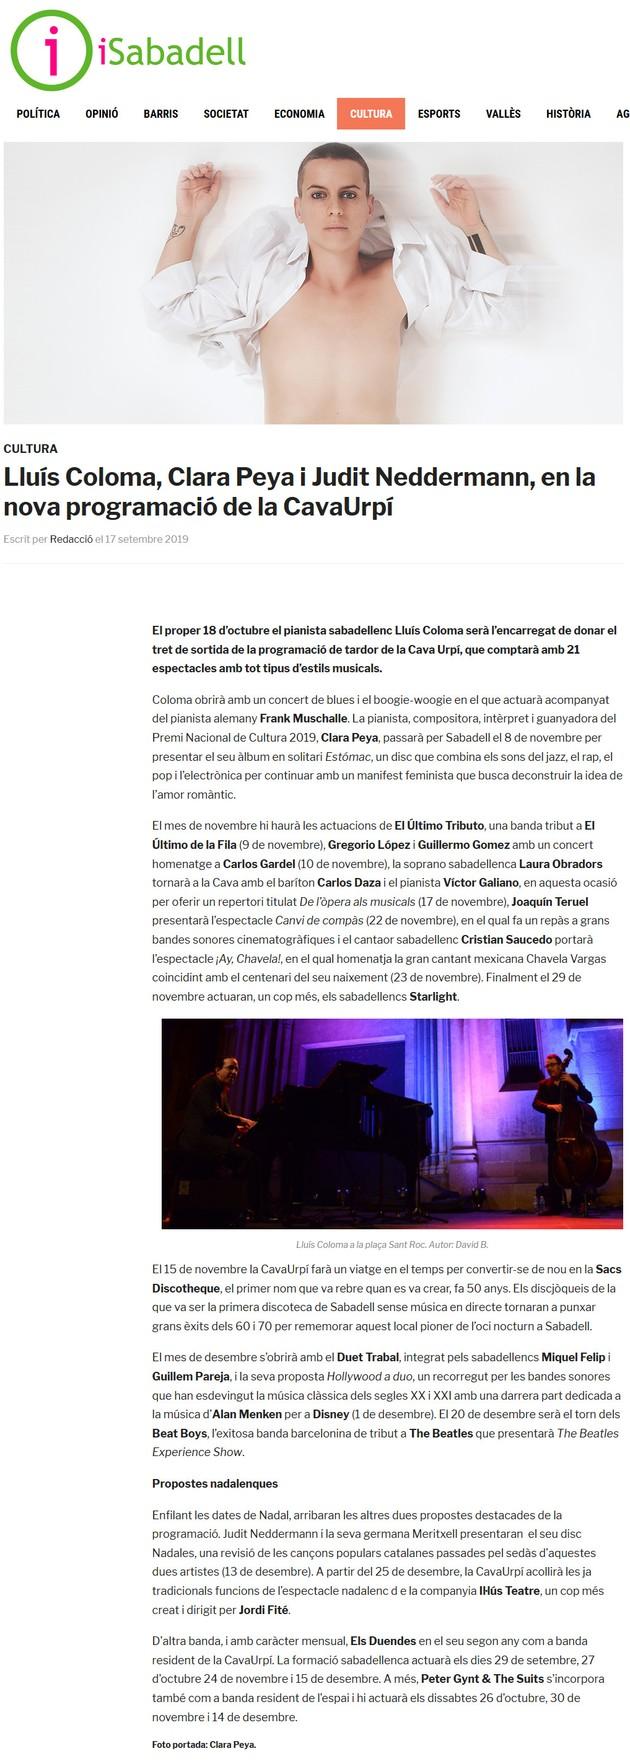 iSabadell: Lluís Coloma, Clara Peya i Judit Neddermann, en la nova programació de la CavaUrpí